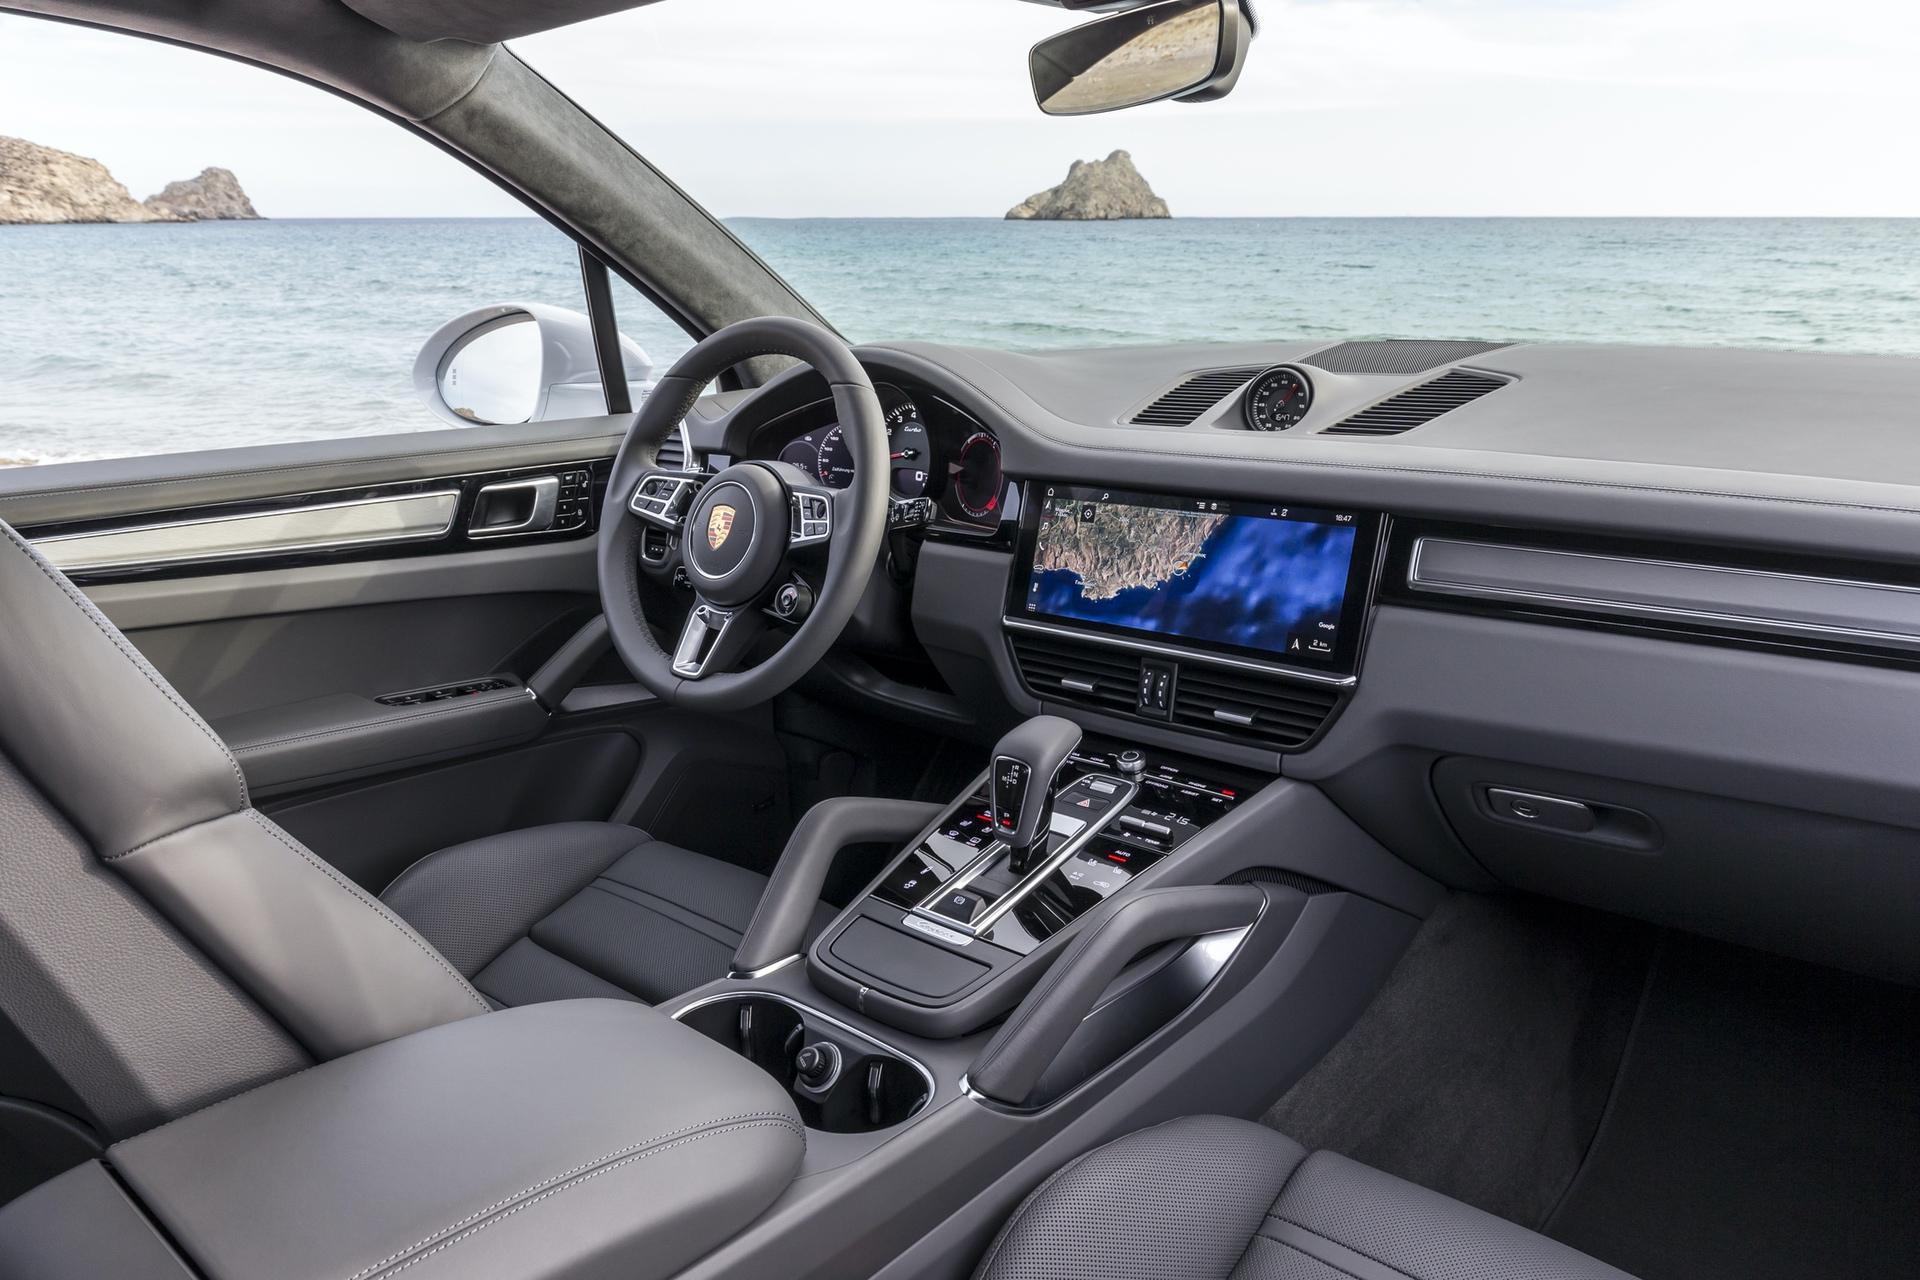 Test_Drive_Porsche_Cayenne_164